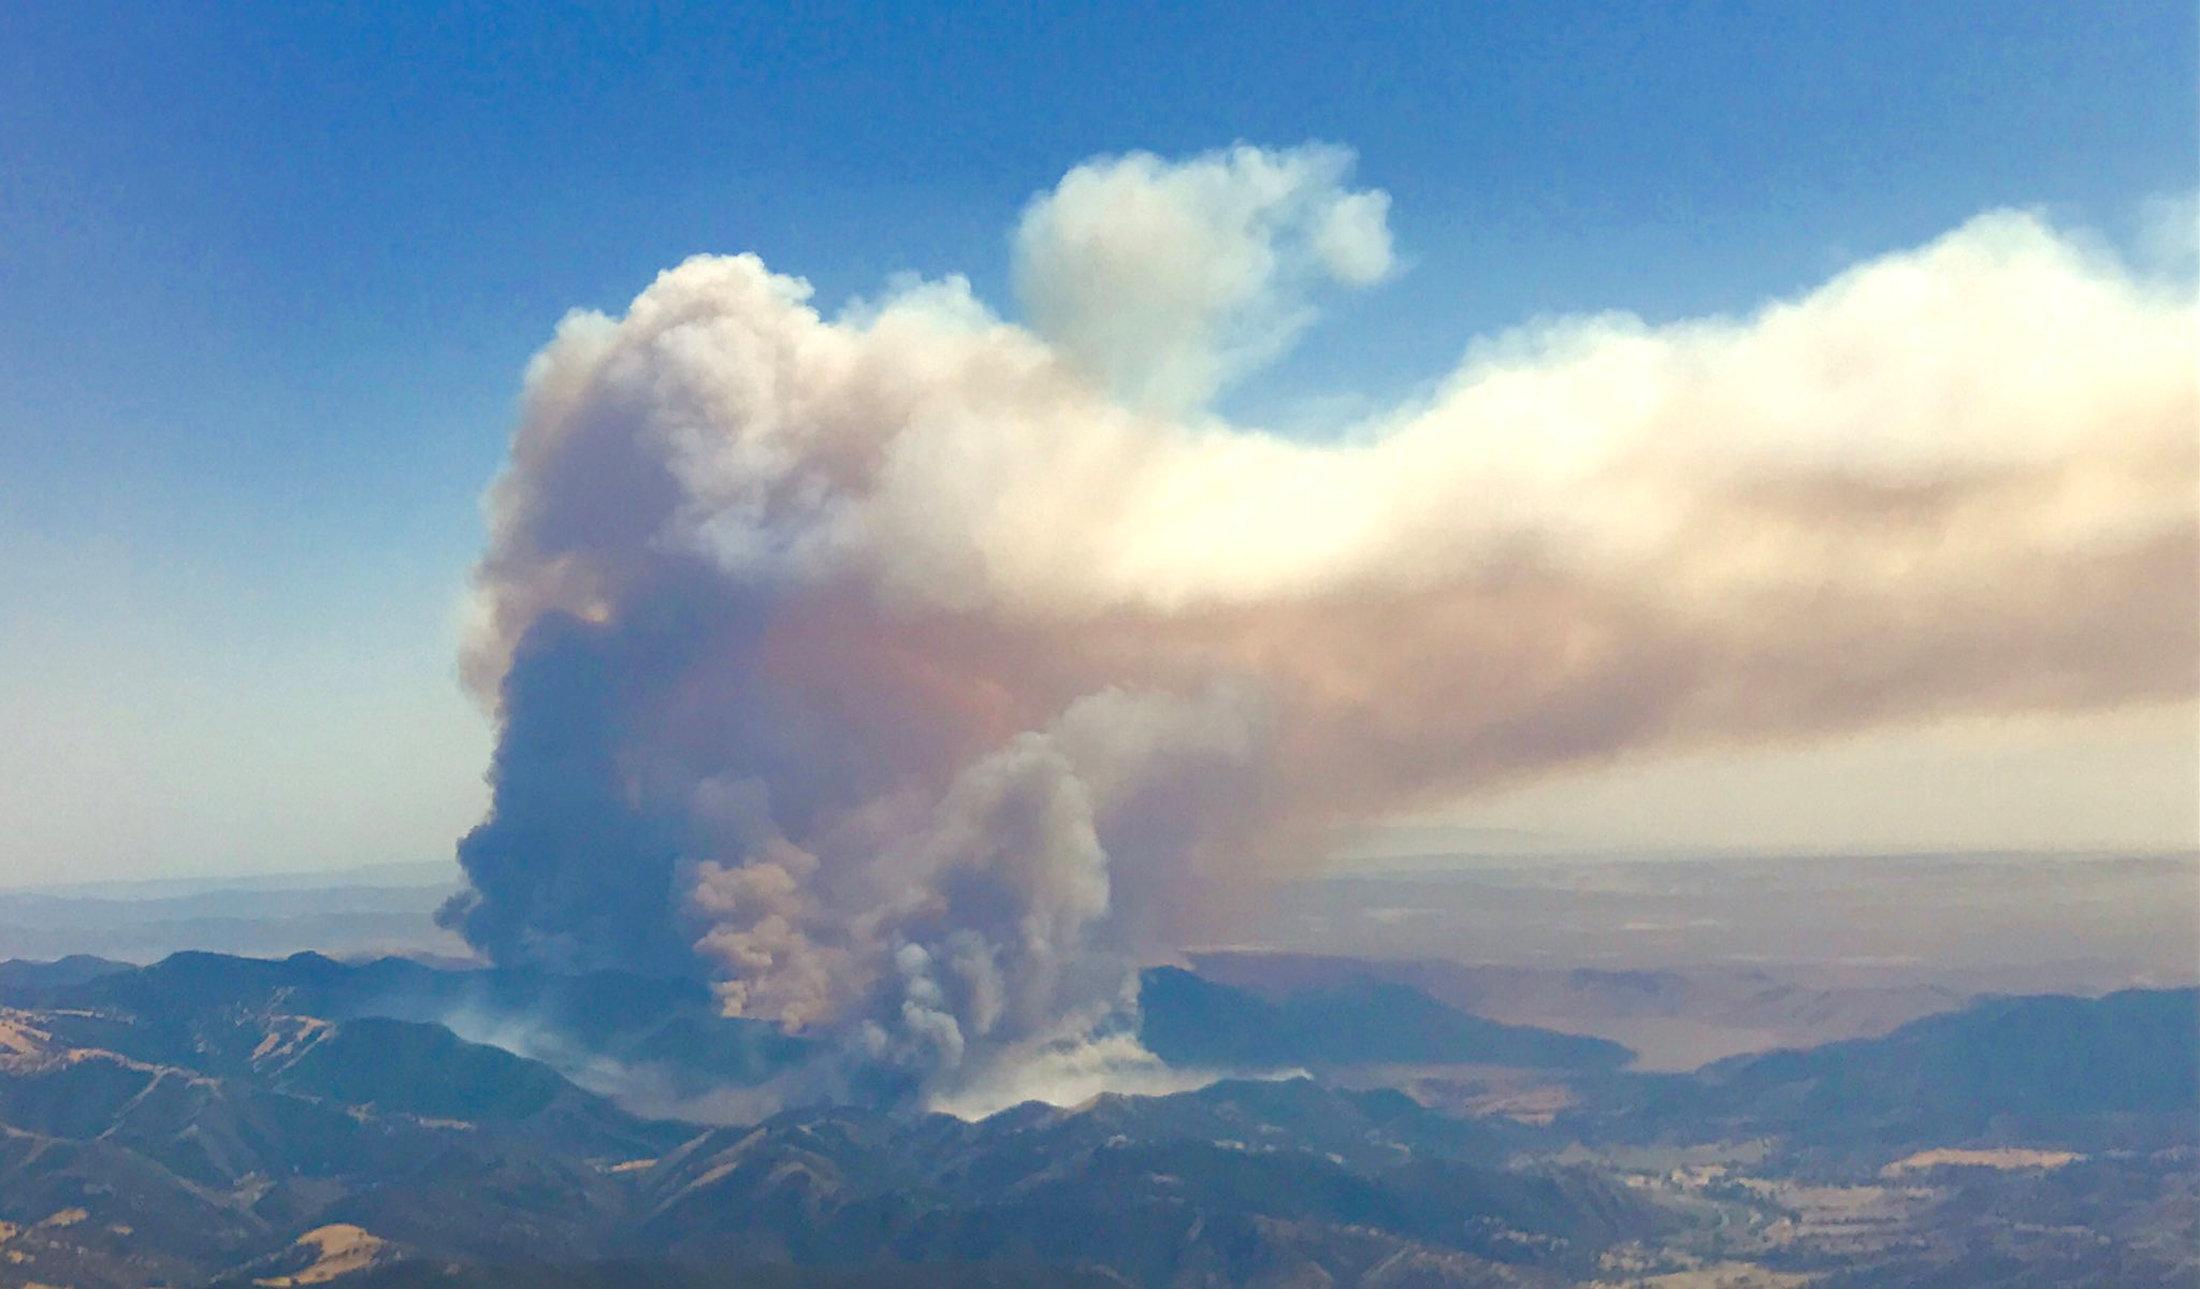 katastrofikes-pyrkagies-se-kanada-kai-kalifornia-amp-8211-chiliades-ektopismenoi-foto5